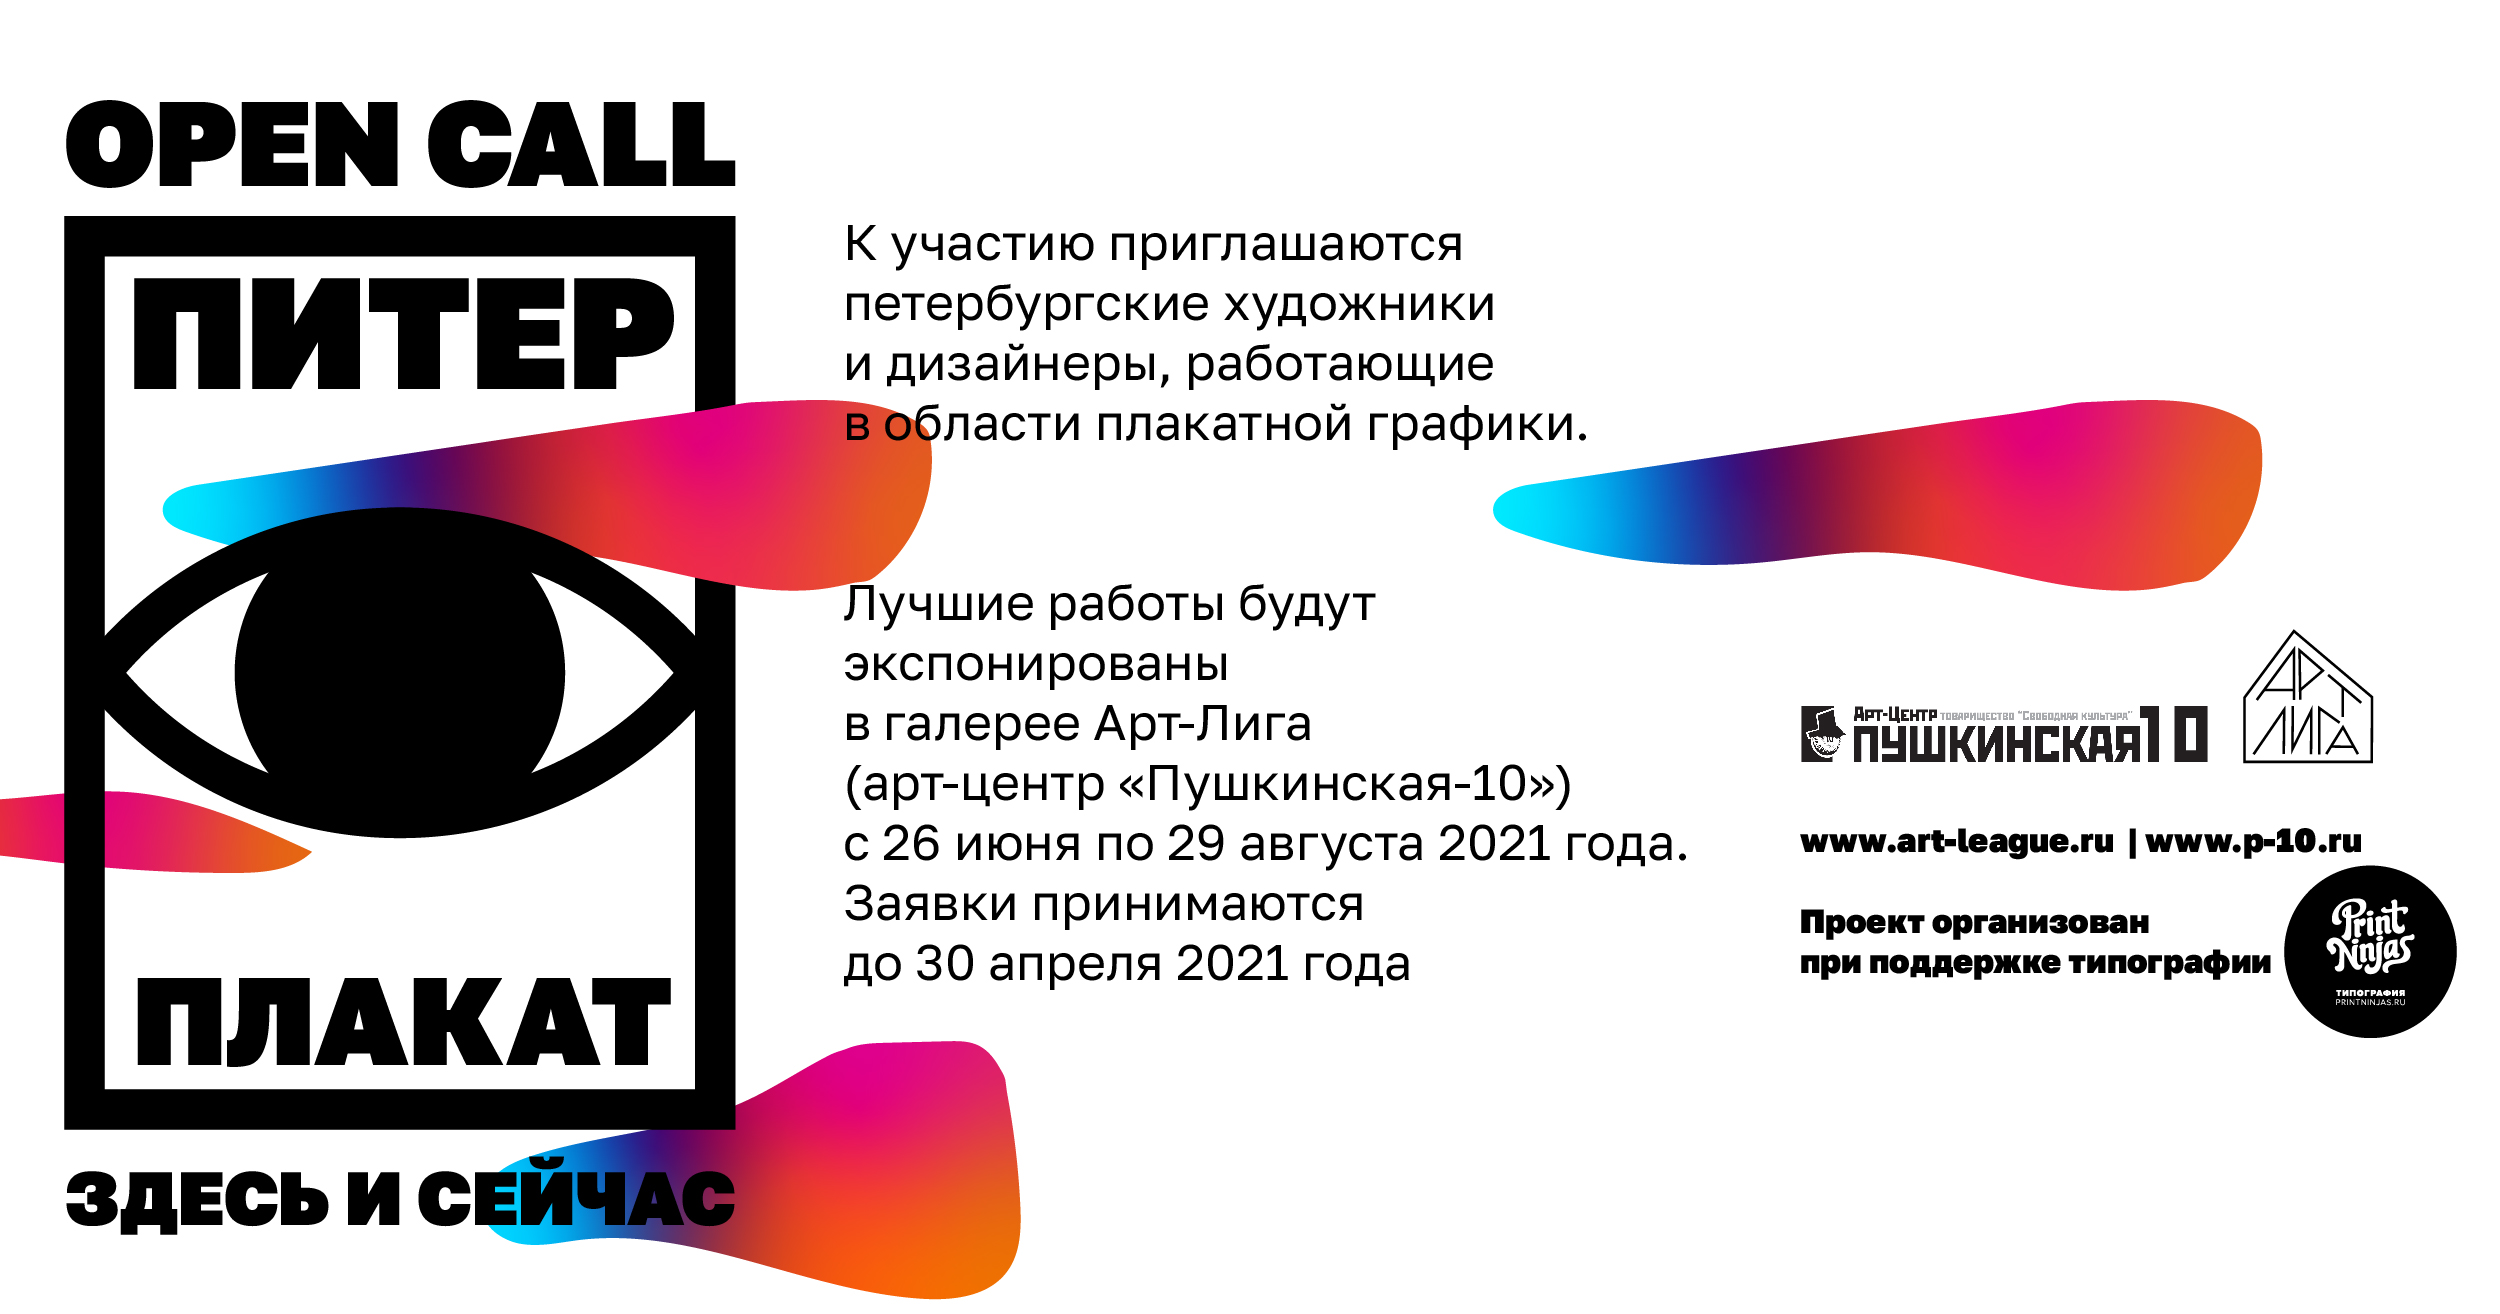 OPEN CALL. Петербургский плакат. ЗДЕСЬ И СЕЙЧАС